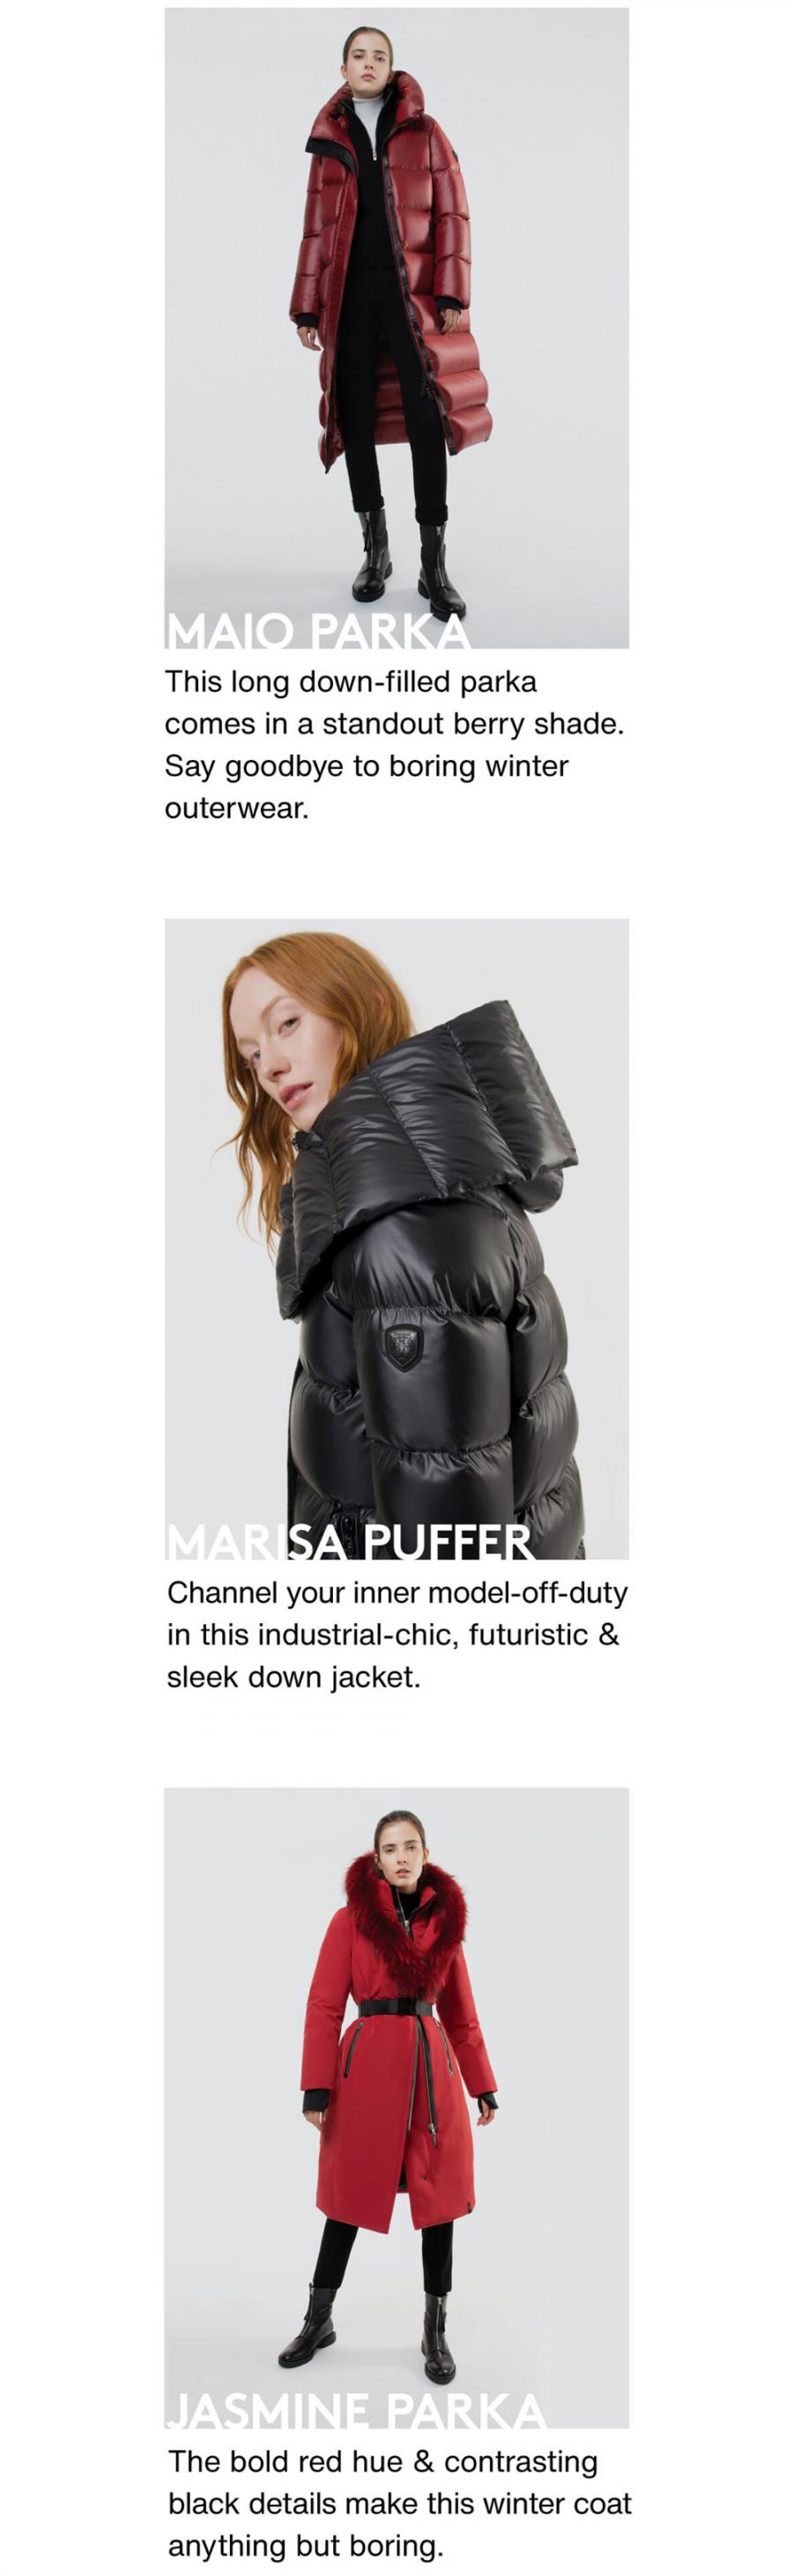 Here's a sneak peek of RUDSAK's most fashionable finds: